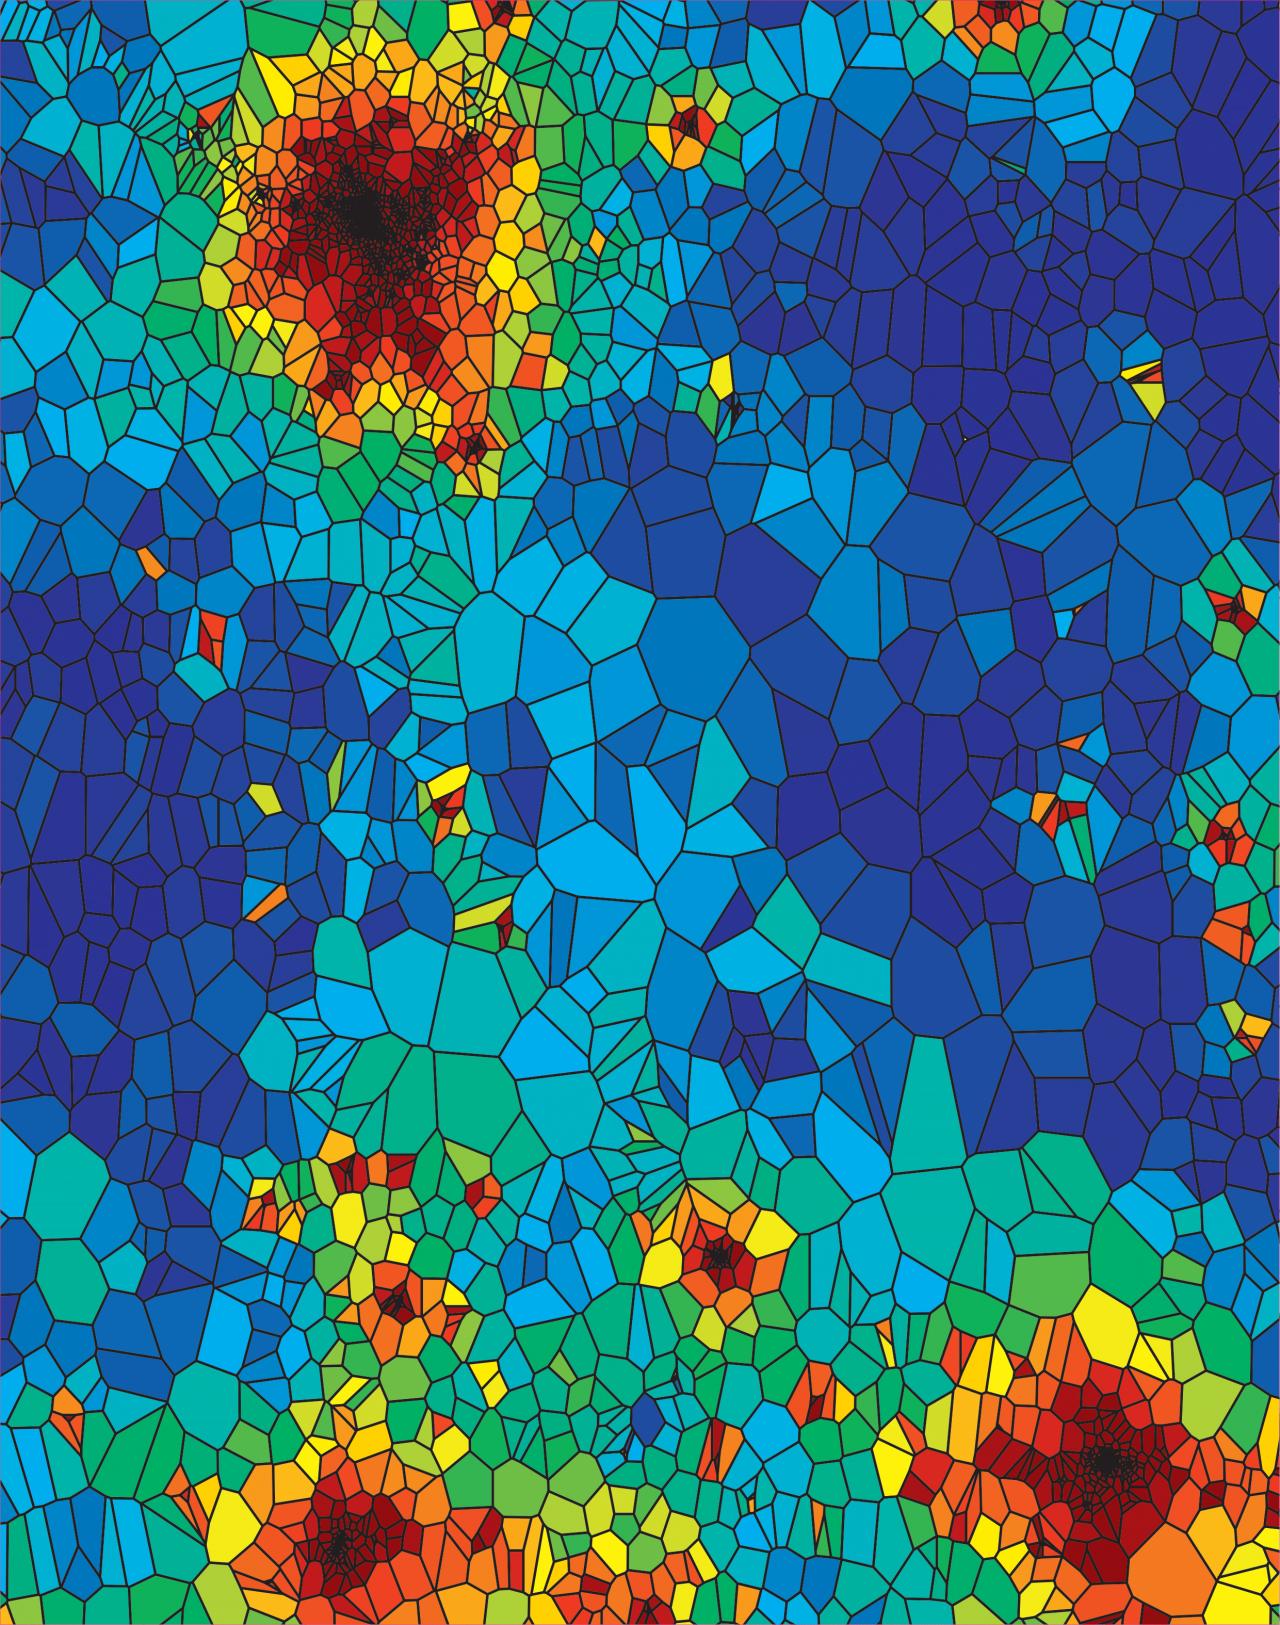 Geographische Karten mit Linien ähnlich einer Zellstruktur. Eingefärbte Zellen stellen die virusbefallenen Gebiete dar, die sich von Bild zu Bild weiter ausbreiten, bis sie die ganze Karte bedecken.